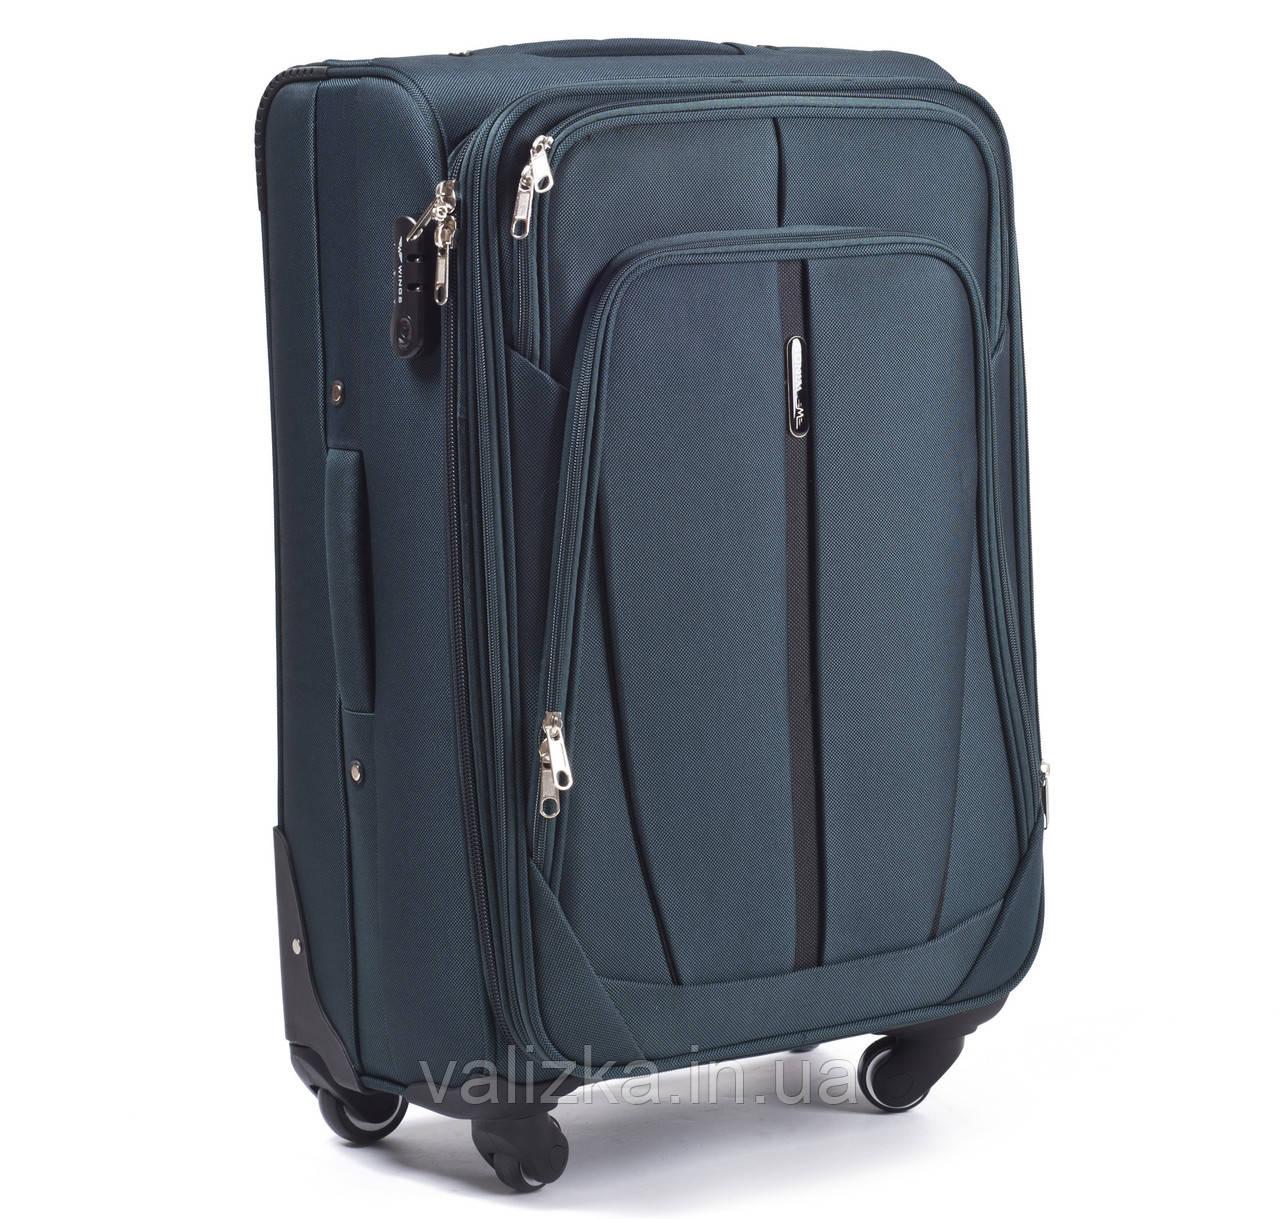 Текстильный чемодан большого размера на 4-х колесах Wings 1706 темно-зеленого цвета.